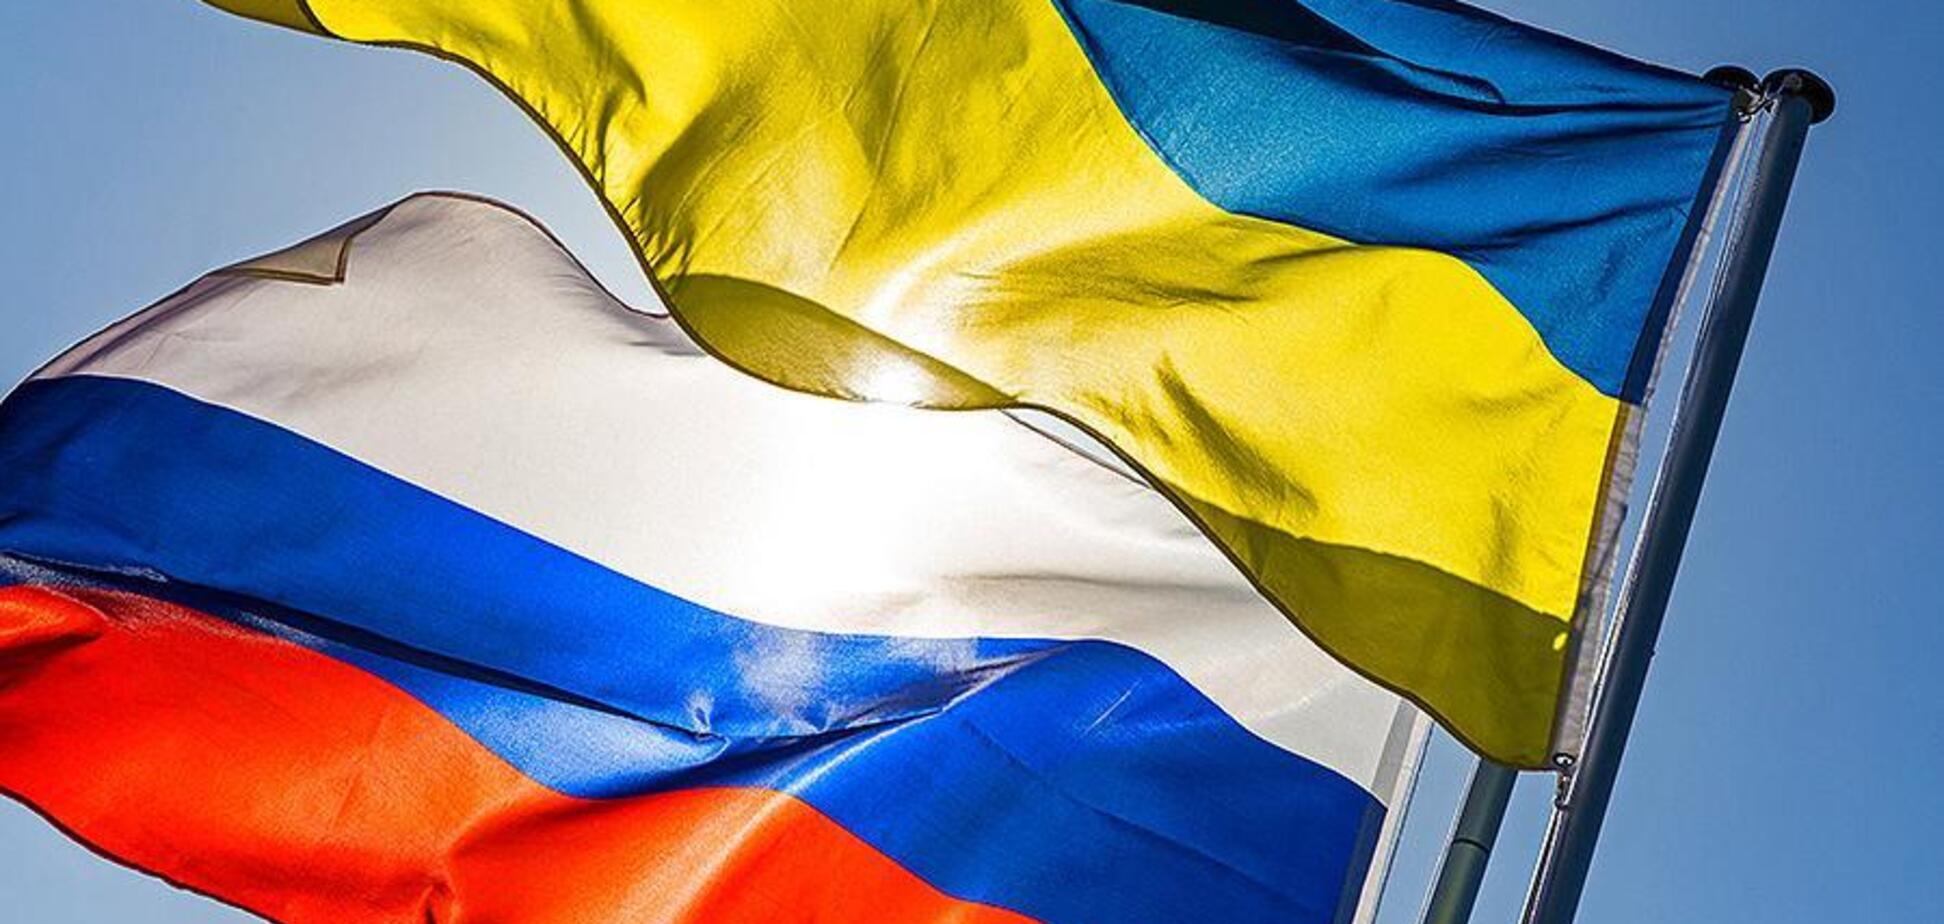 Росія виставила рахунок Україні на $4,5 млрд: за що вимагають гроші